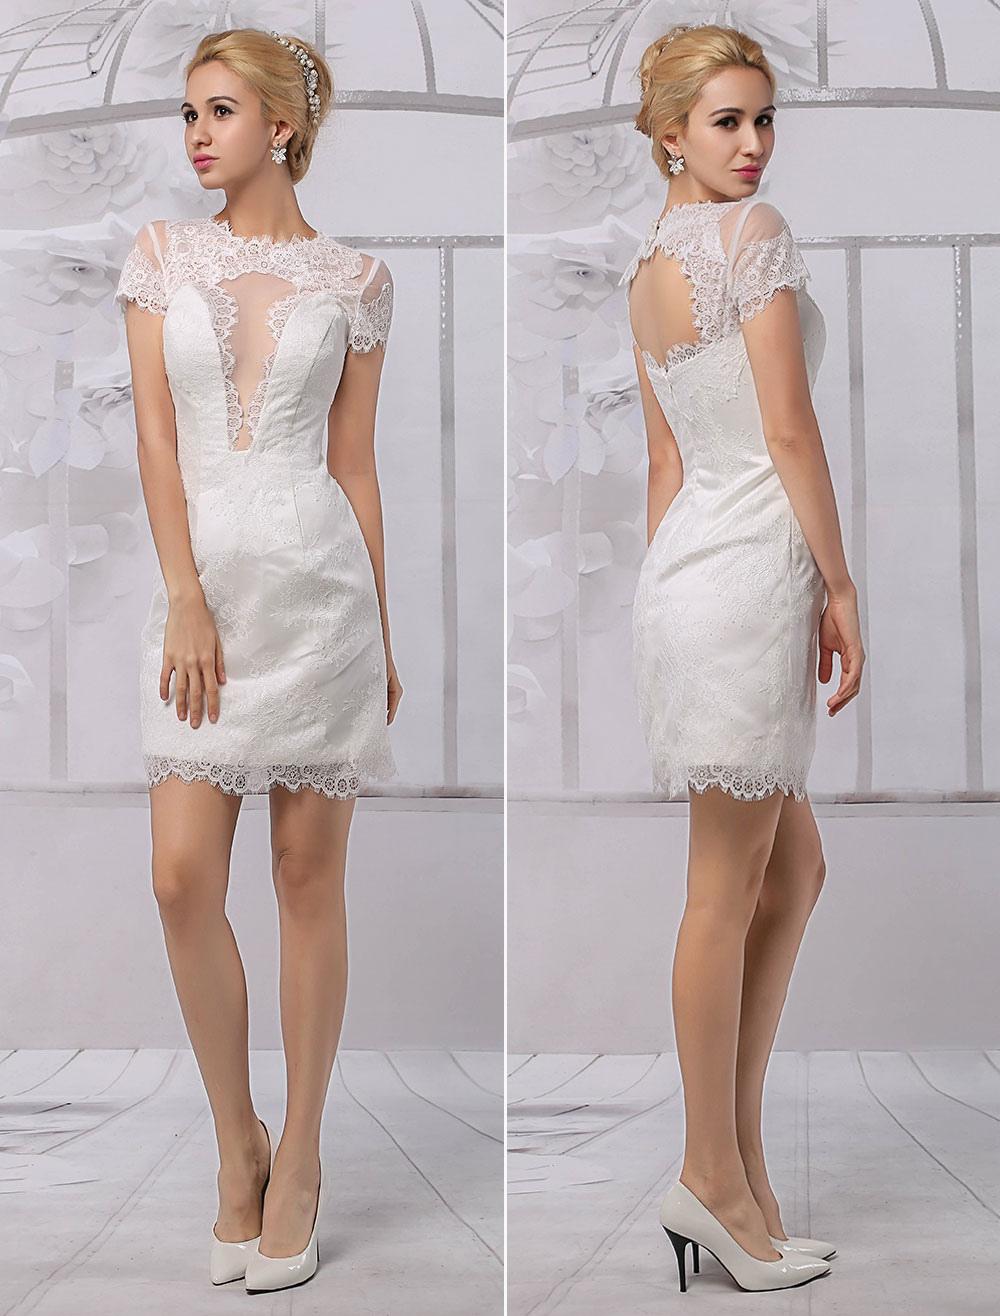 Short Lace Illusion Neckline Back Keyhole Wedding Dress With Sleeves Milanoo: Short Illusion Neck Wedding Dress At Reisefeber.org